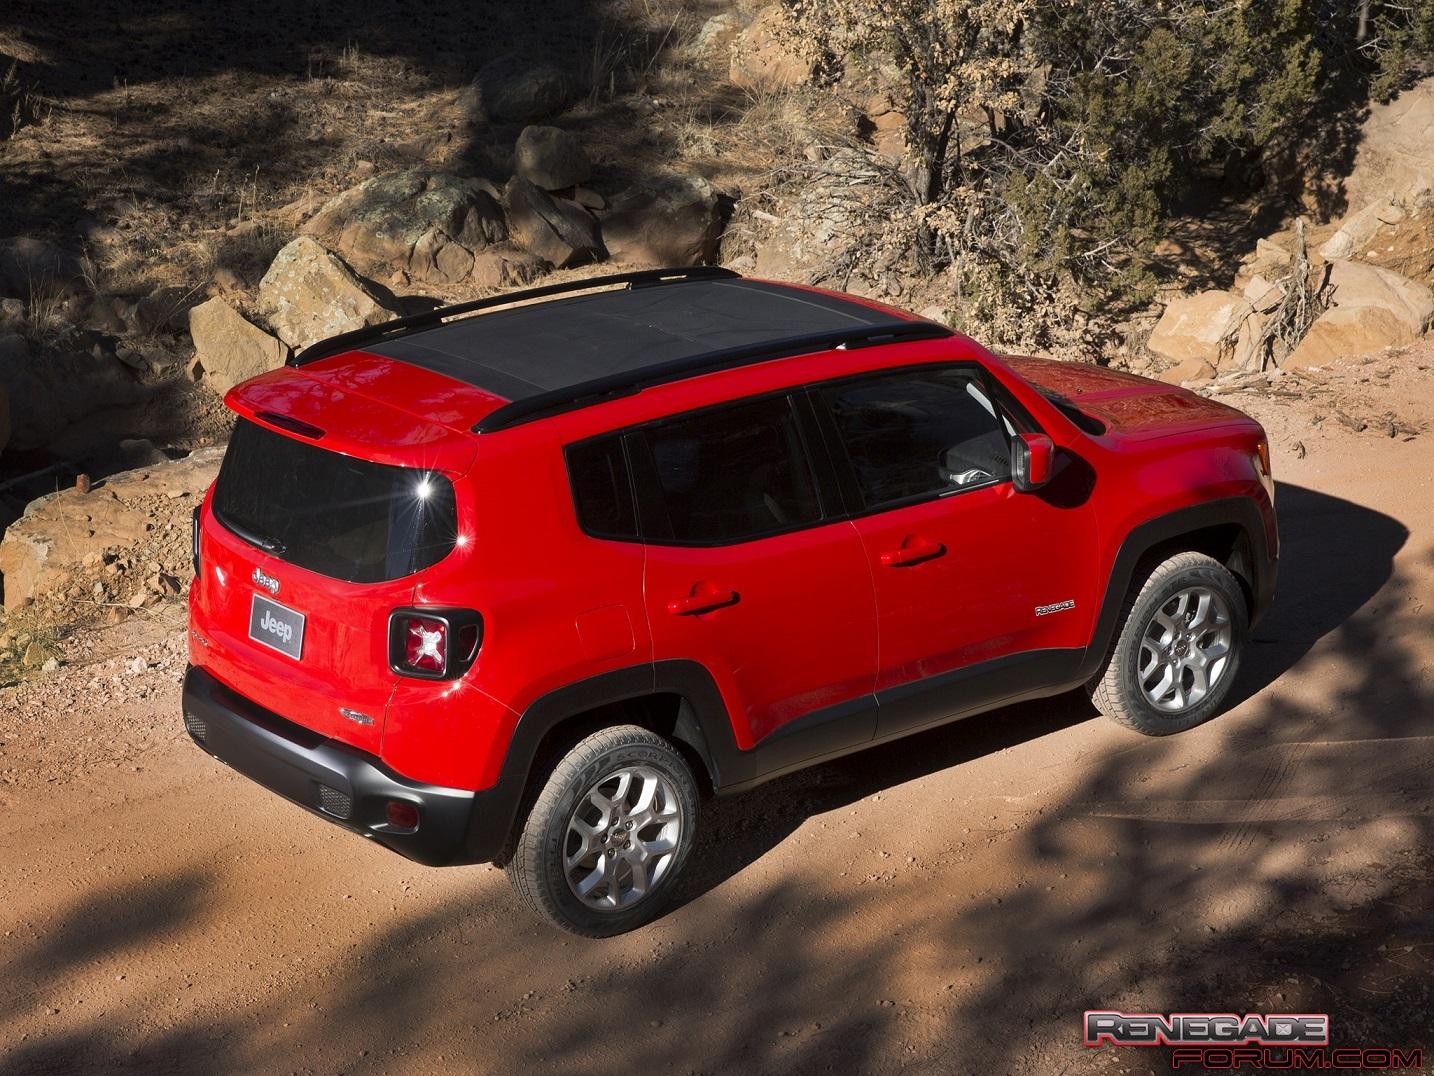 Colorado Red Jeep Renegade | Jeep Renegade Forum